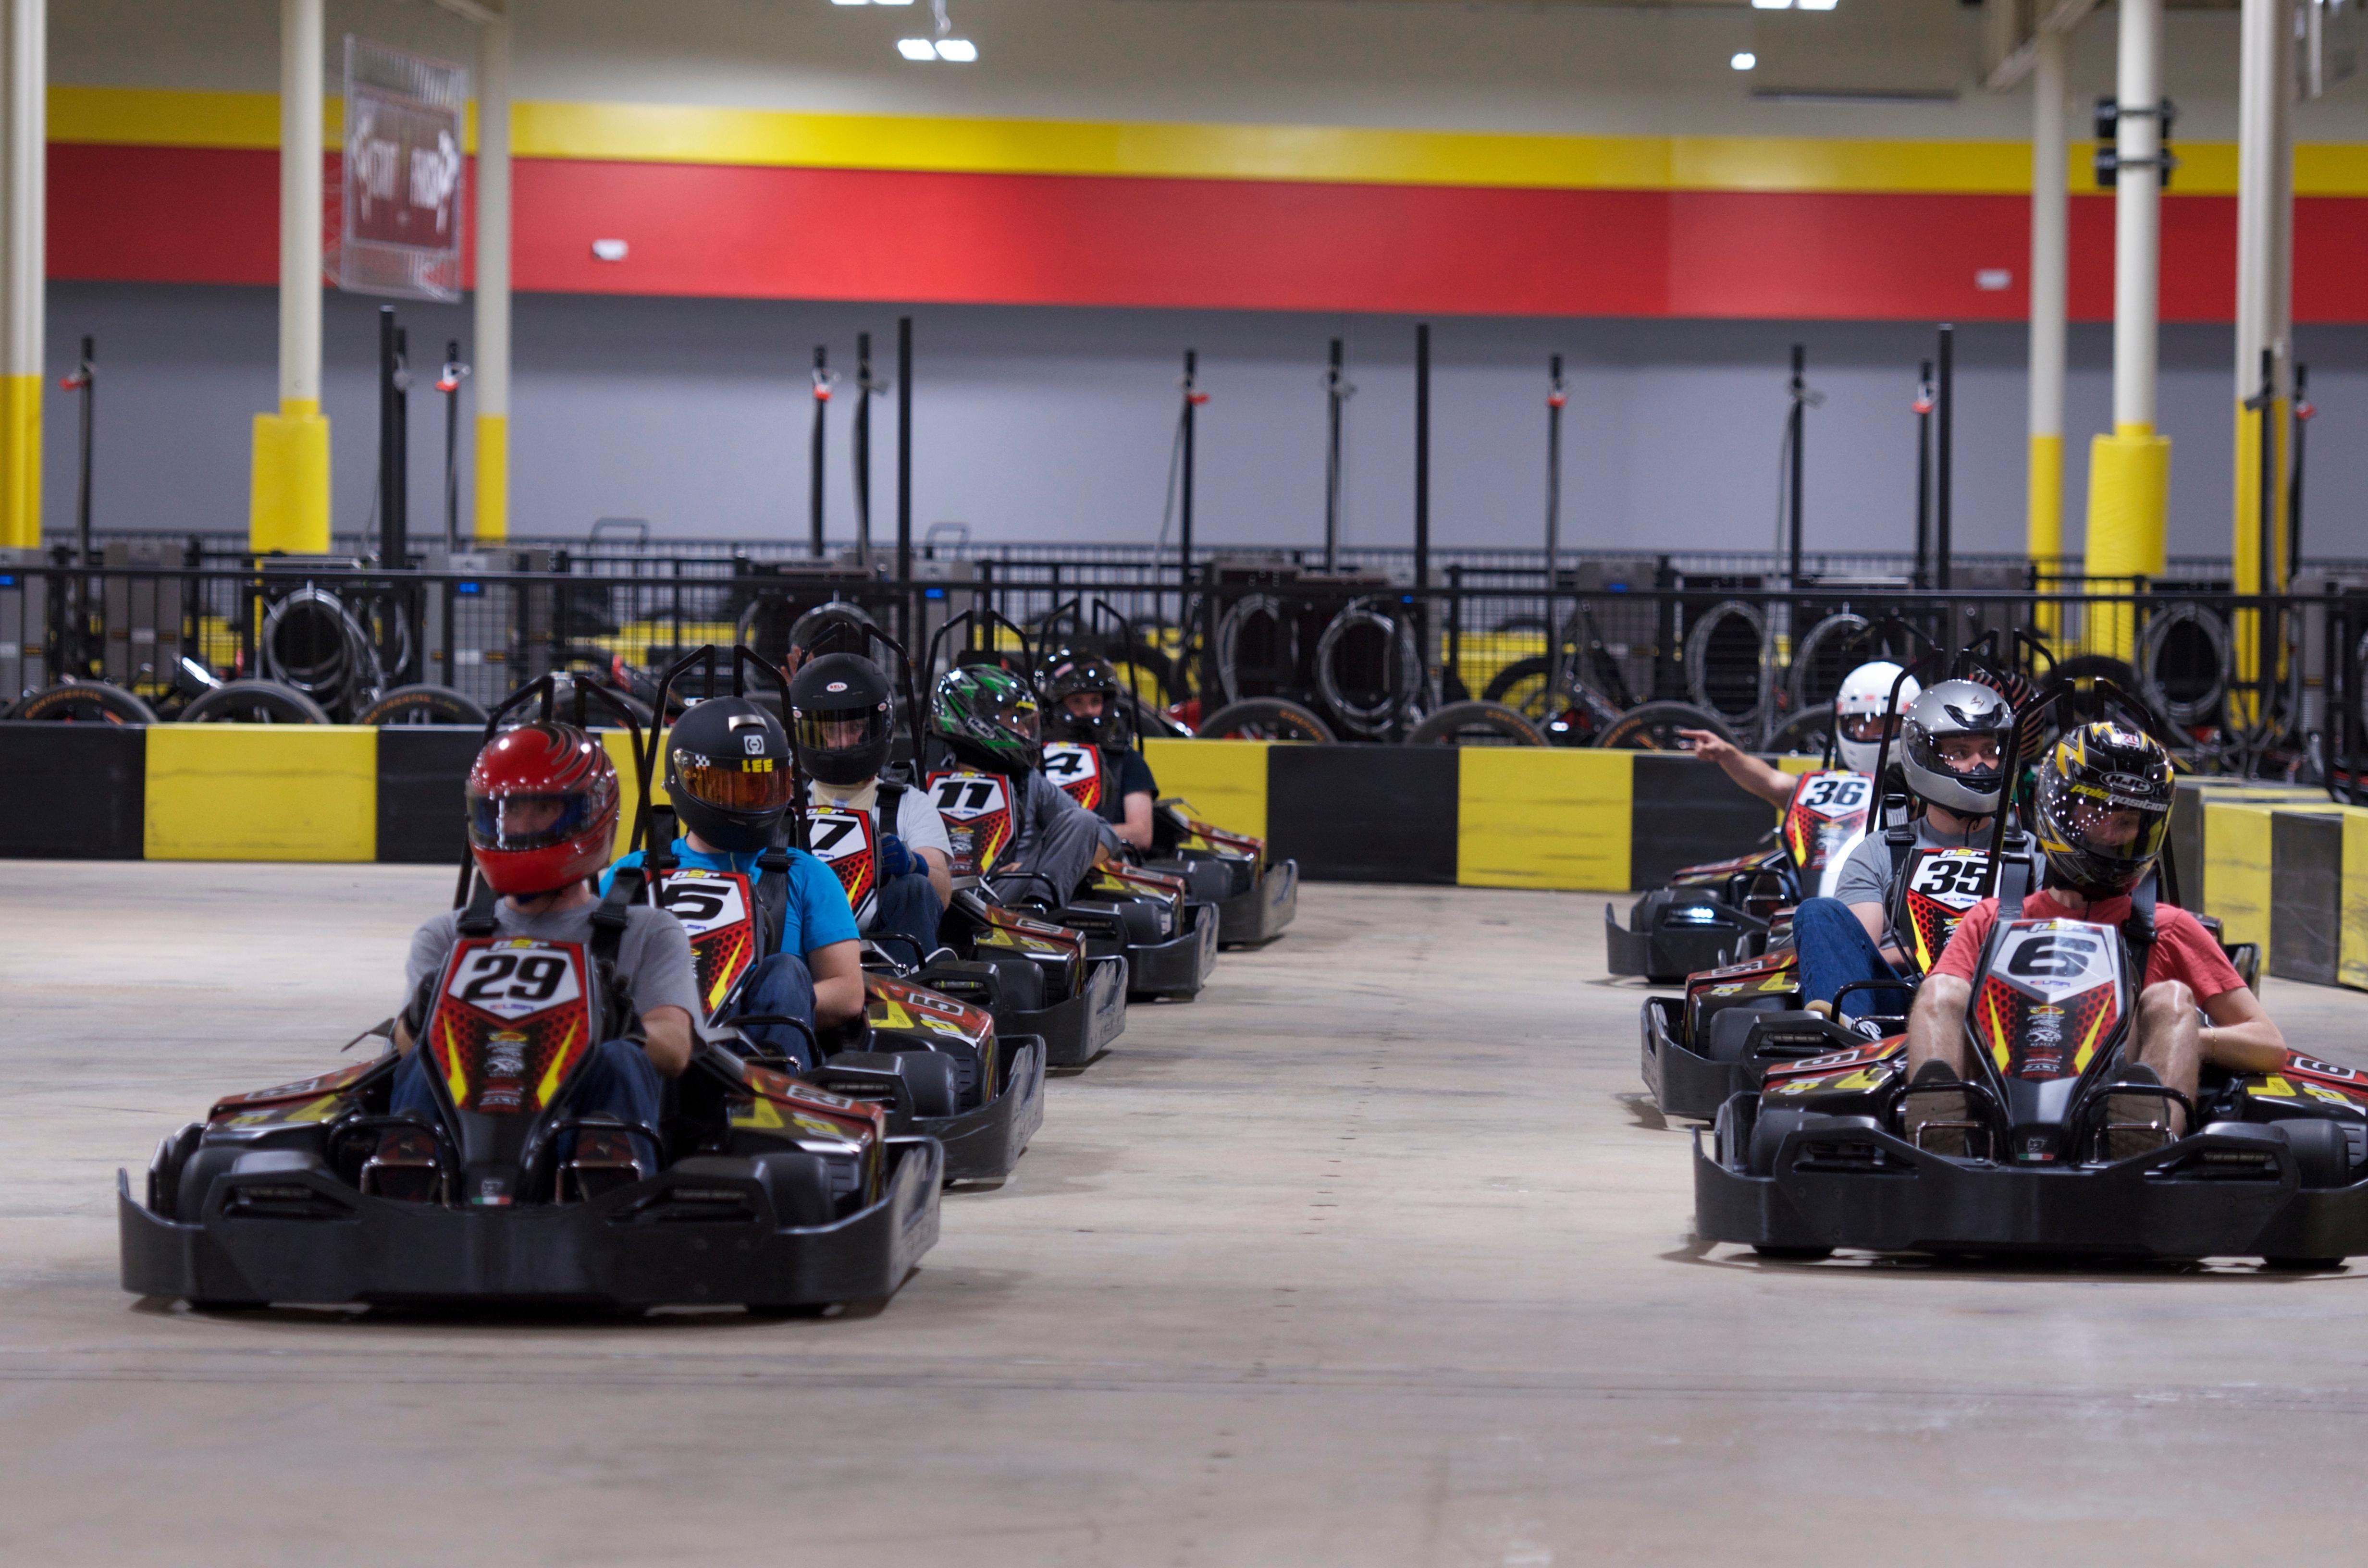 Pole Position Raceway St. Louis image 3